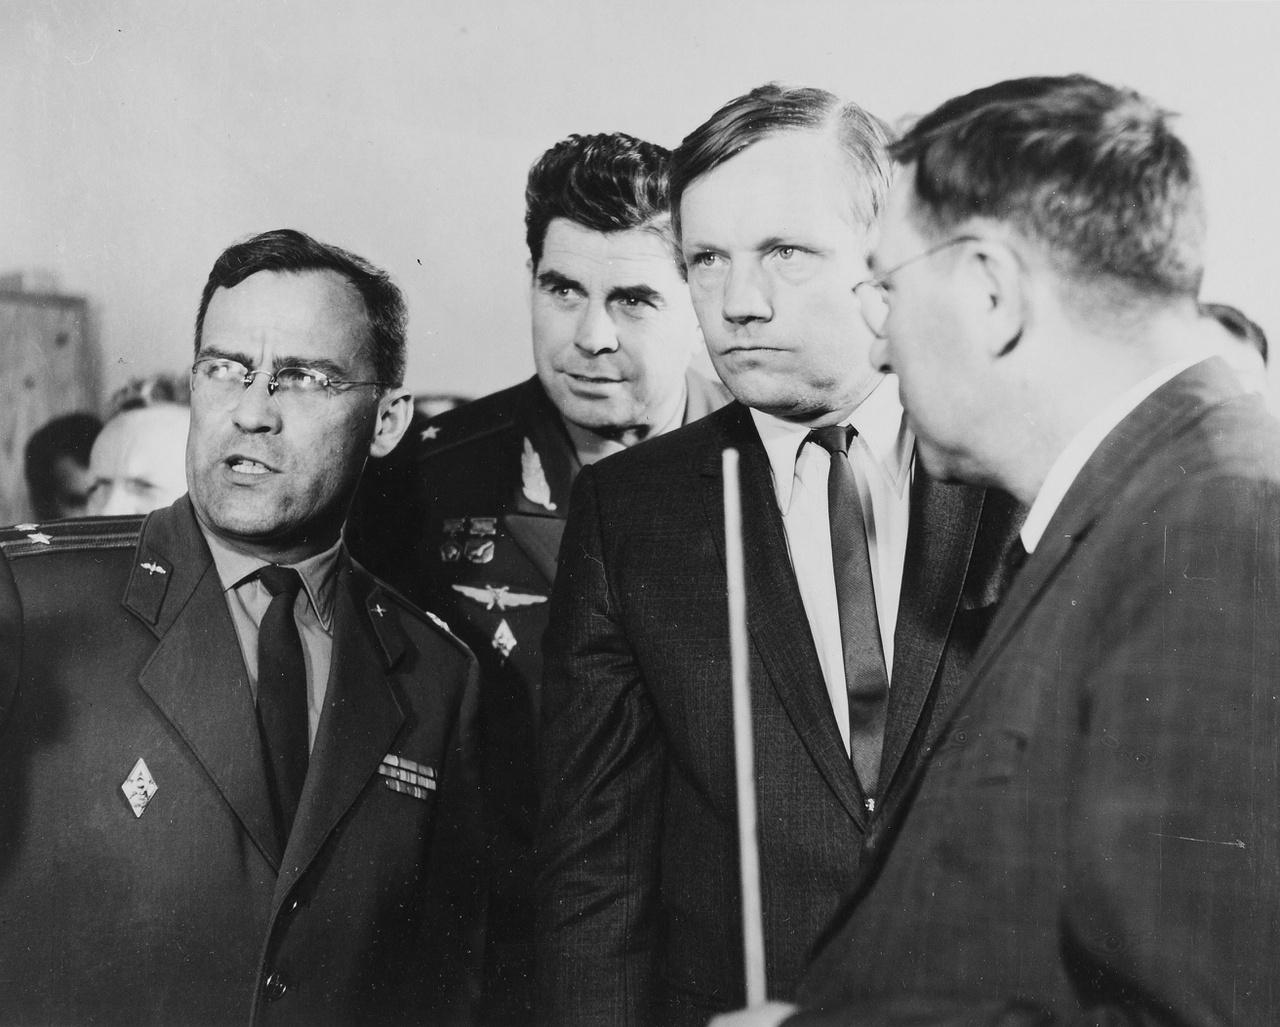 1970 május-júniusában Armstrong a Szovjetunióba látogatott és részt vett a XIII. COSPAR (Committee on Space Research) konferencián. Armstrong jobbról a második, háta mögött Georgij Tyimofejevics Beregovoj szovjet űrhajós, a Szojuz-3 küldetés parancsnok pilótája látható.